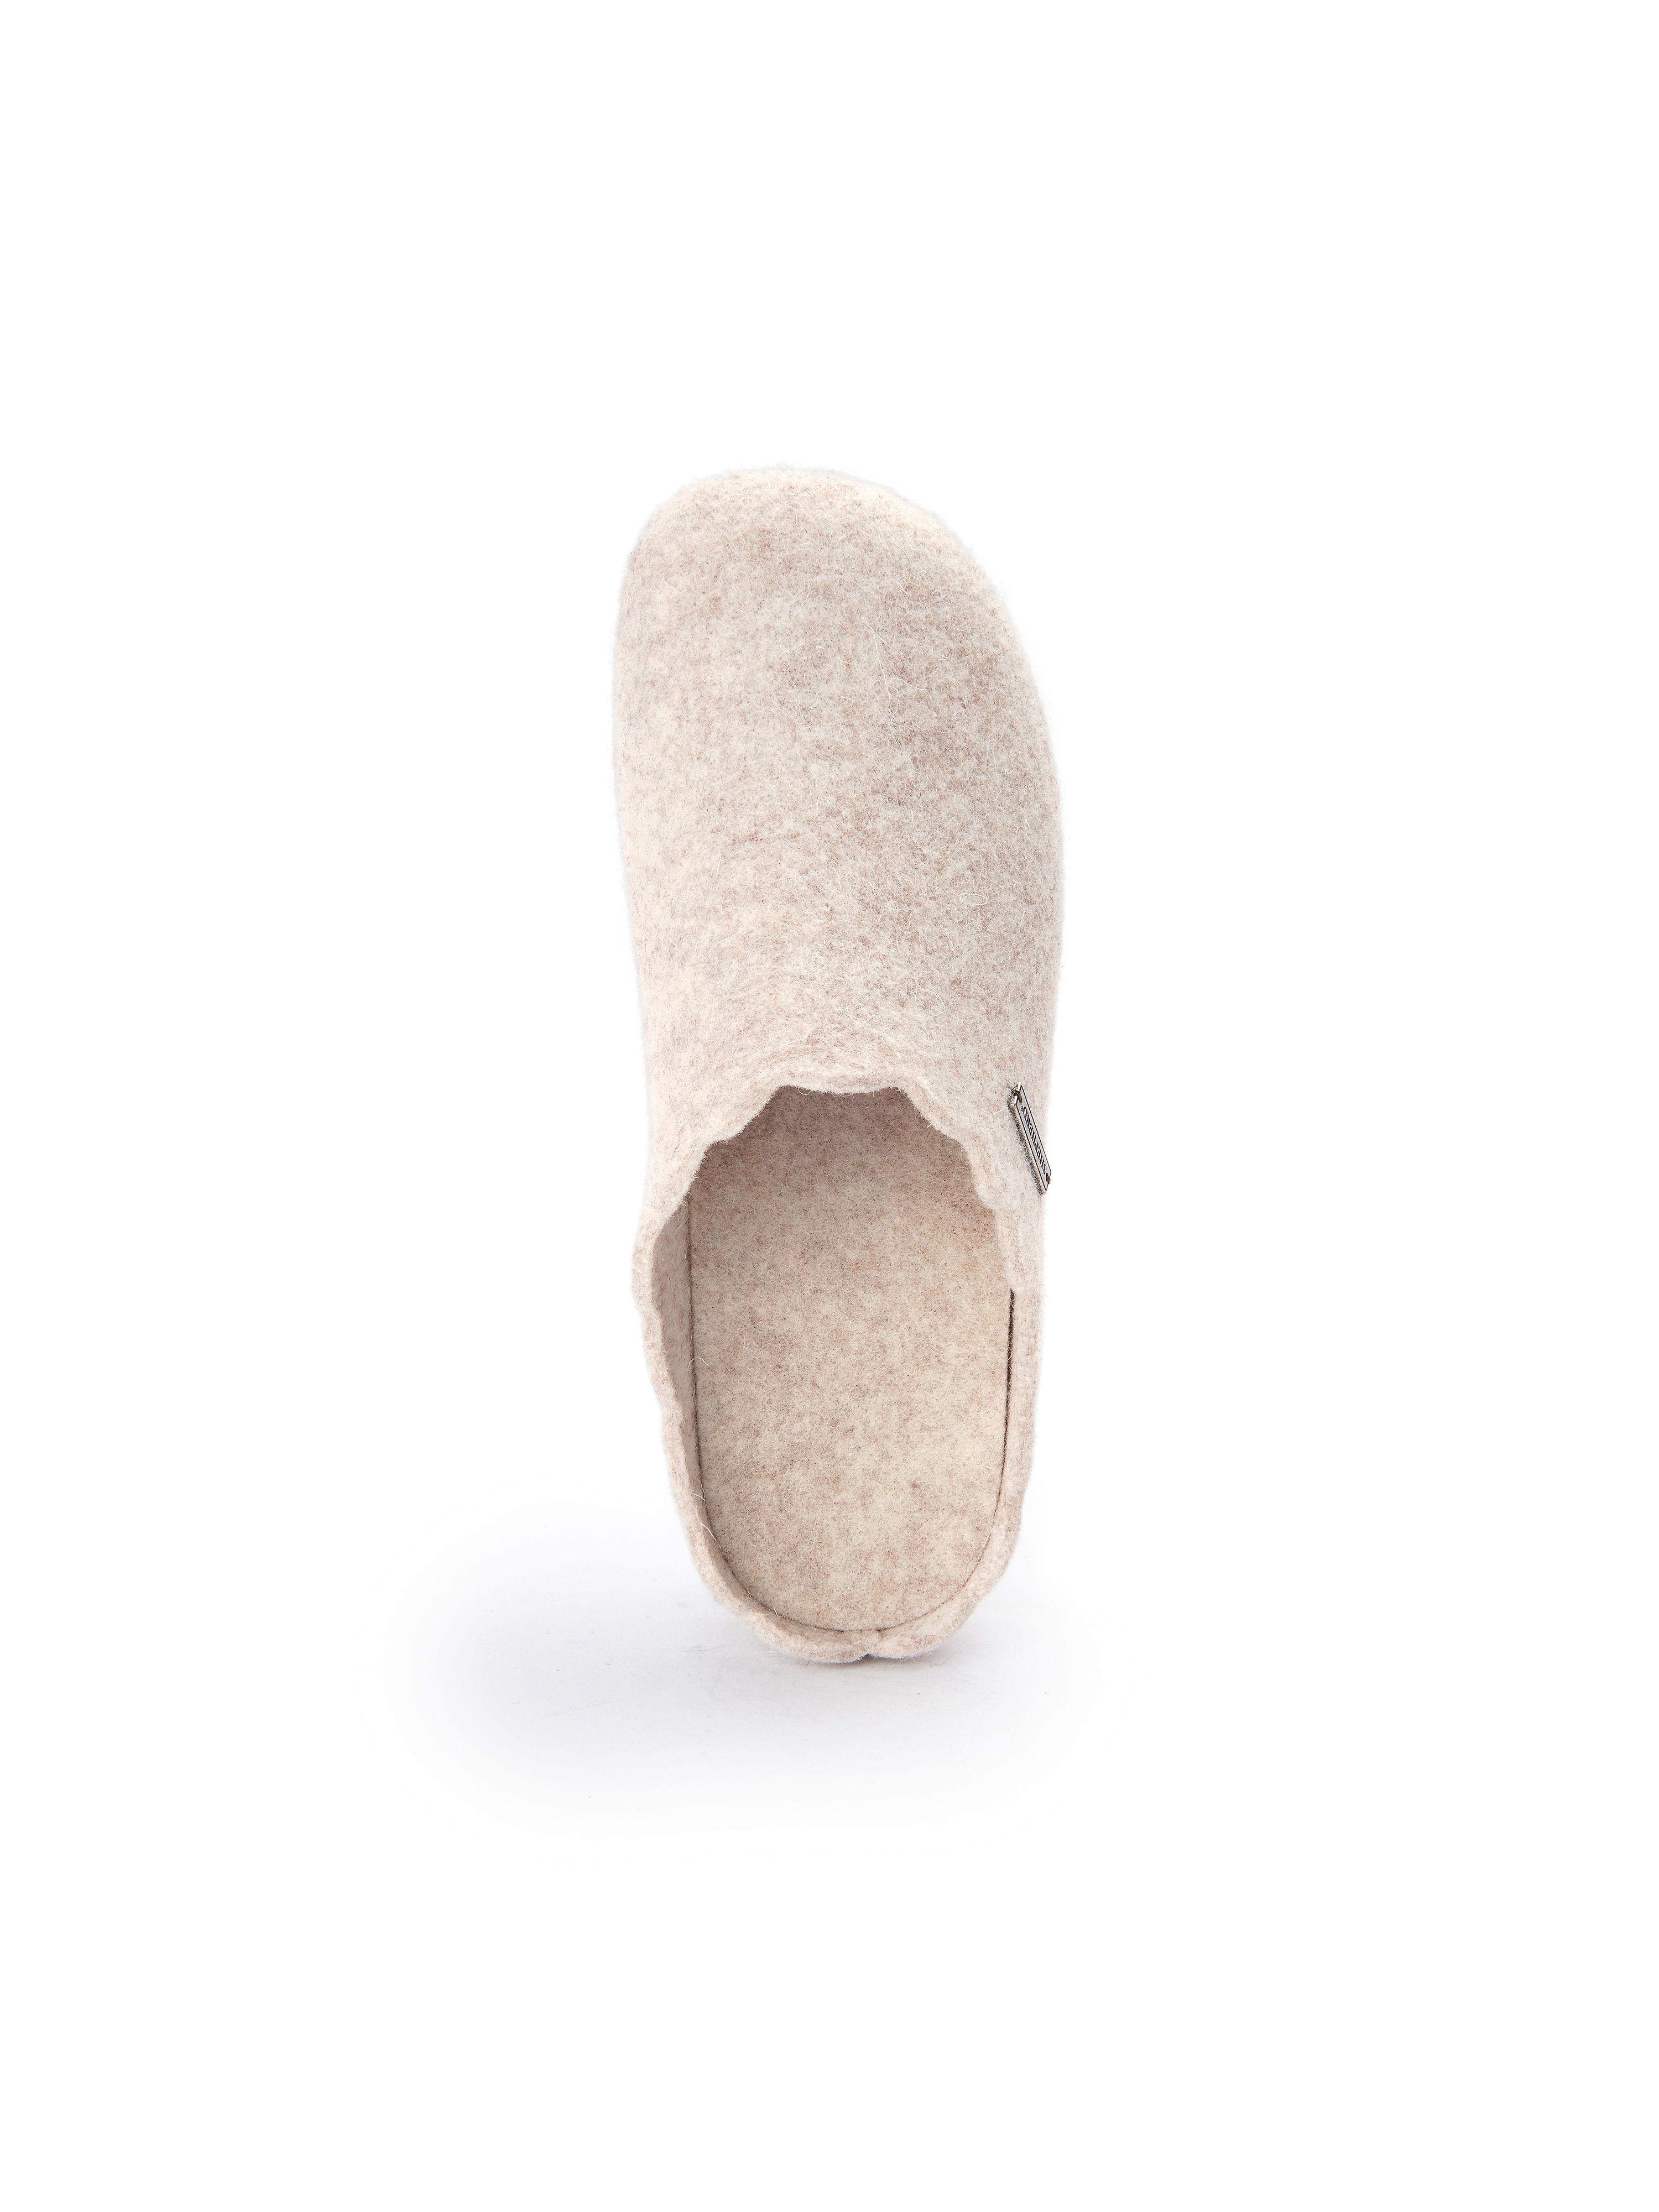 Shepherd - Pantolette - Schuhe Beige Gute Qualität beliebte Schuhe - 4a062b